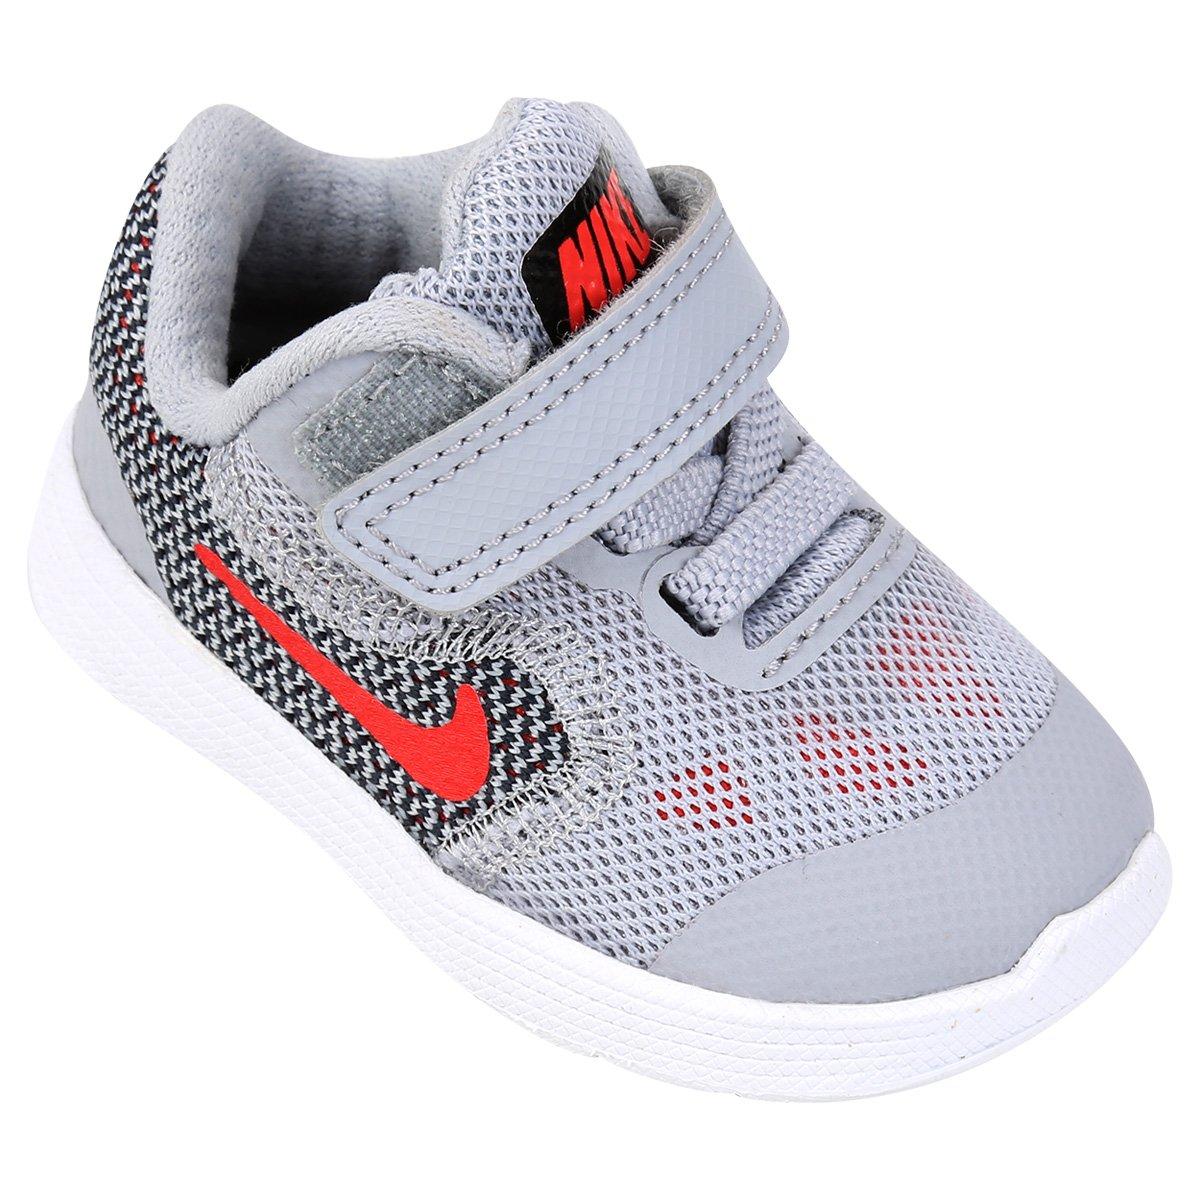 8600ad13ba Tênis Infantil Nike Revolution 3 - Cinza e Vermelho - Compre Agora ...